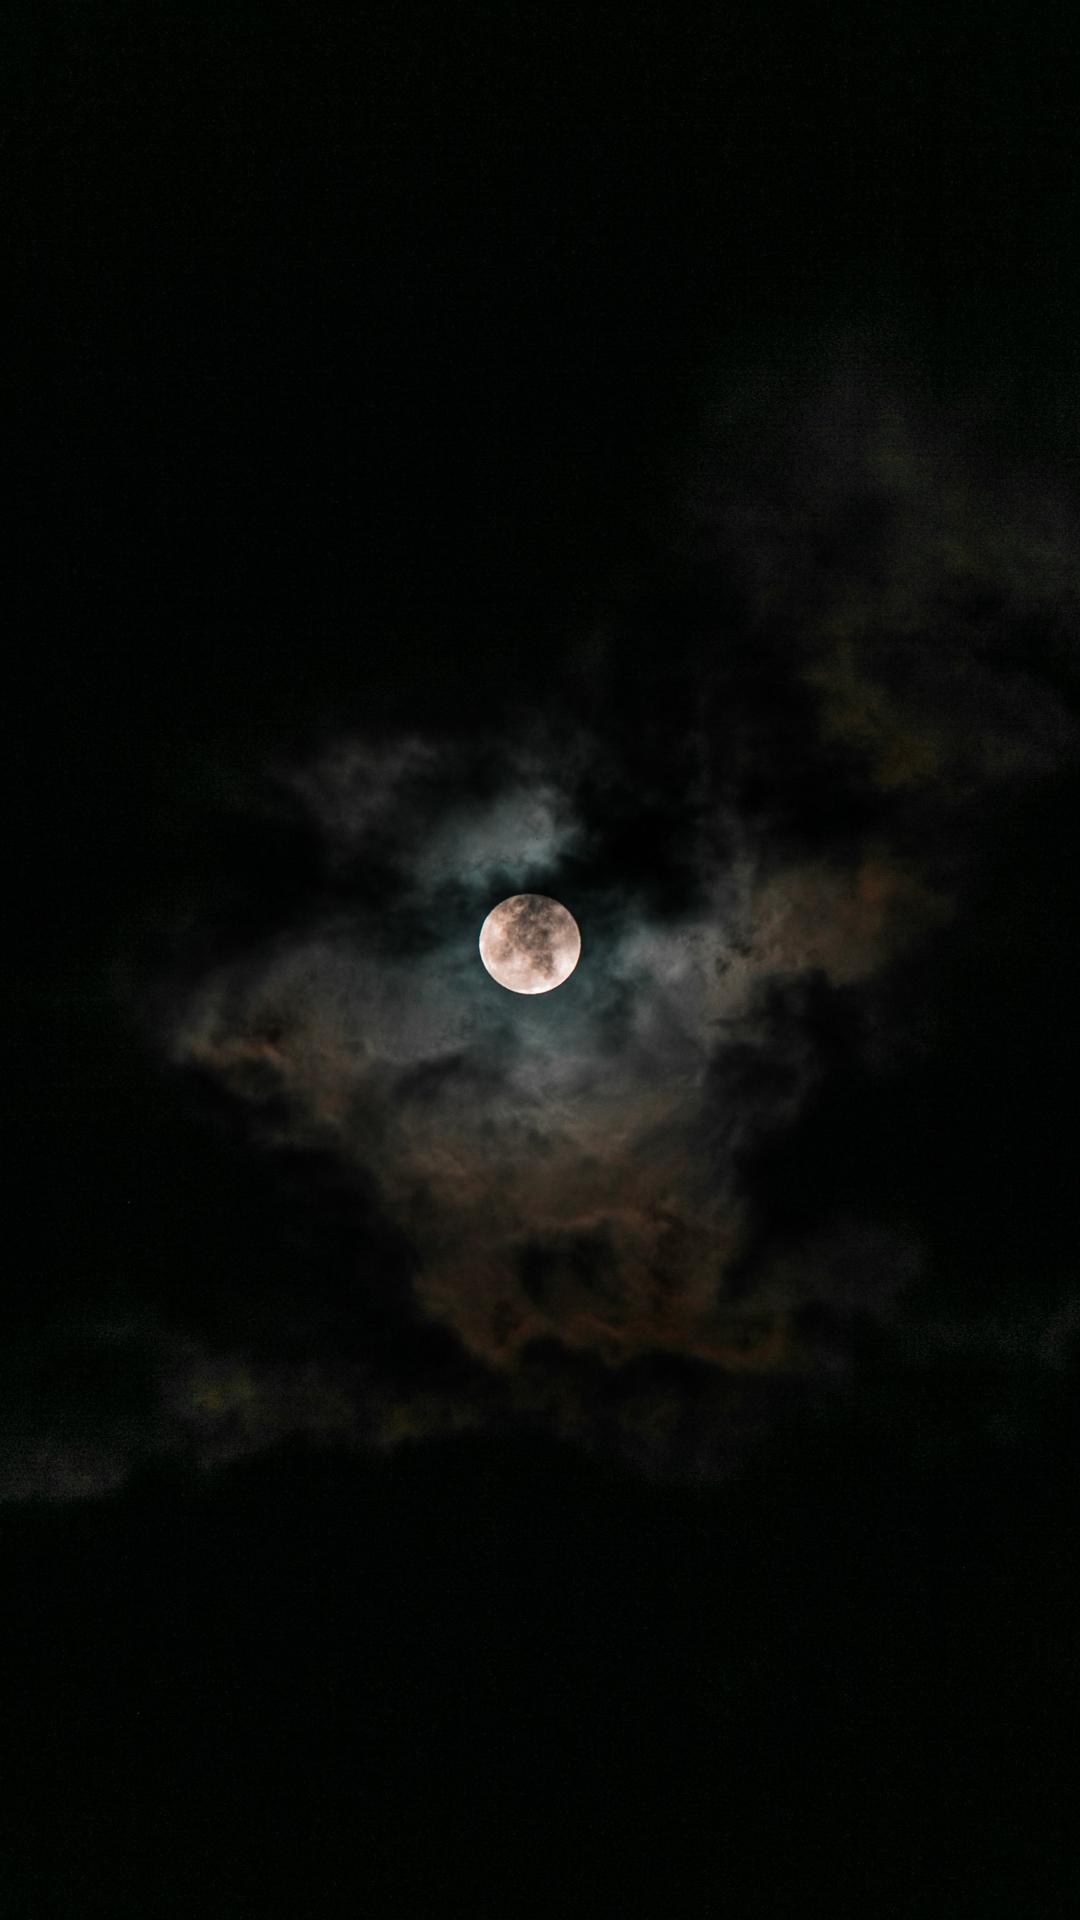 moon background image